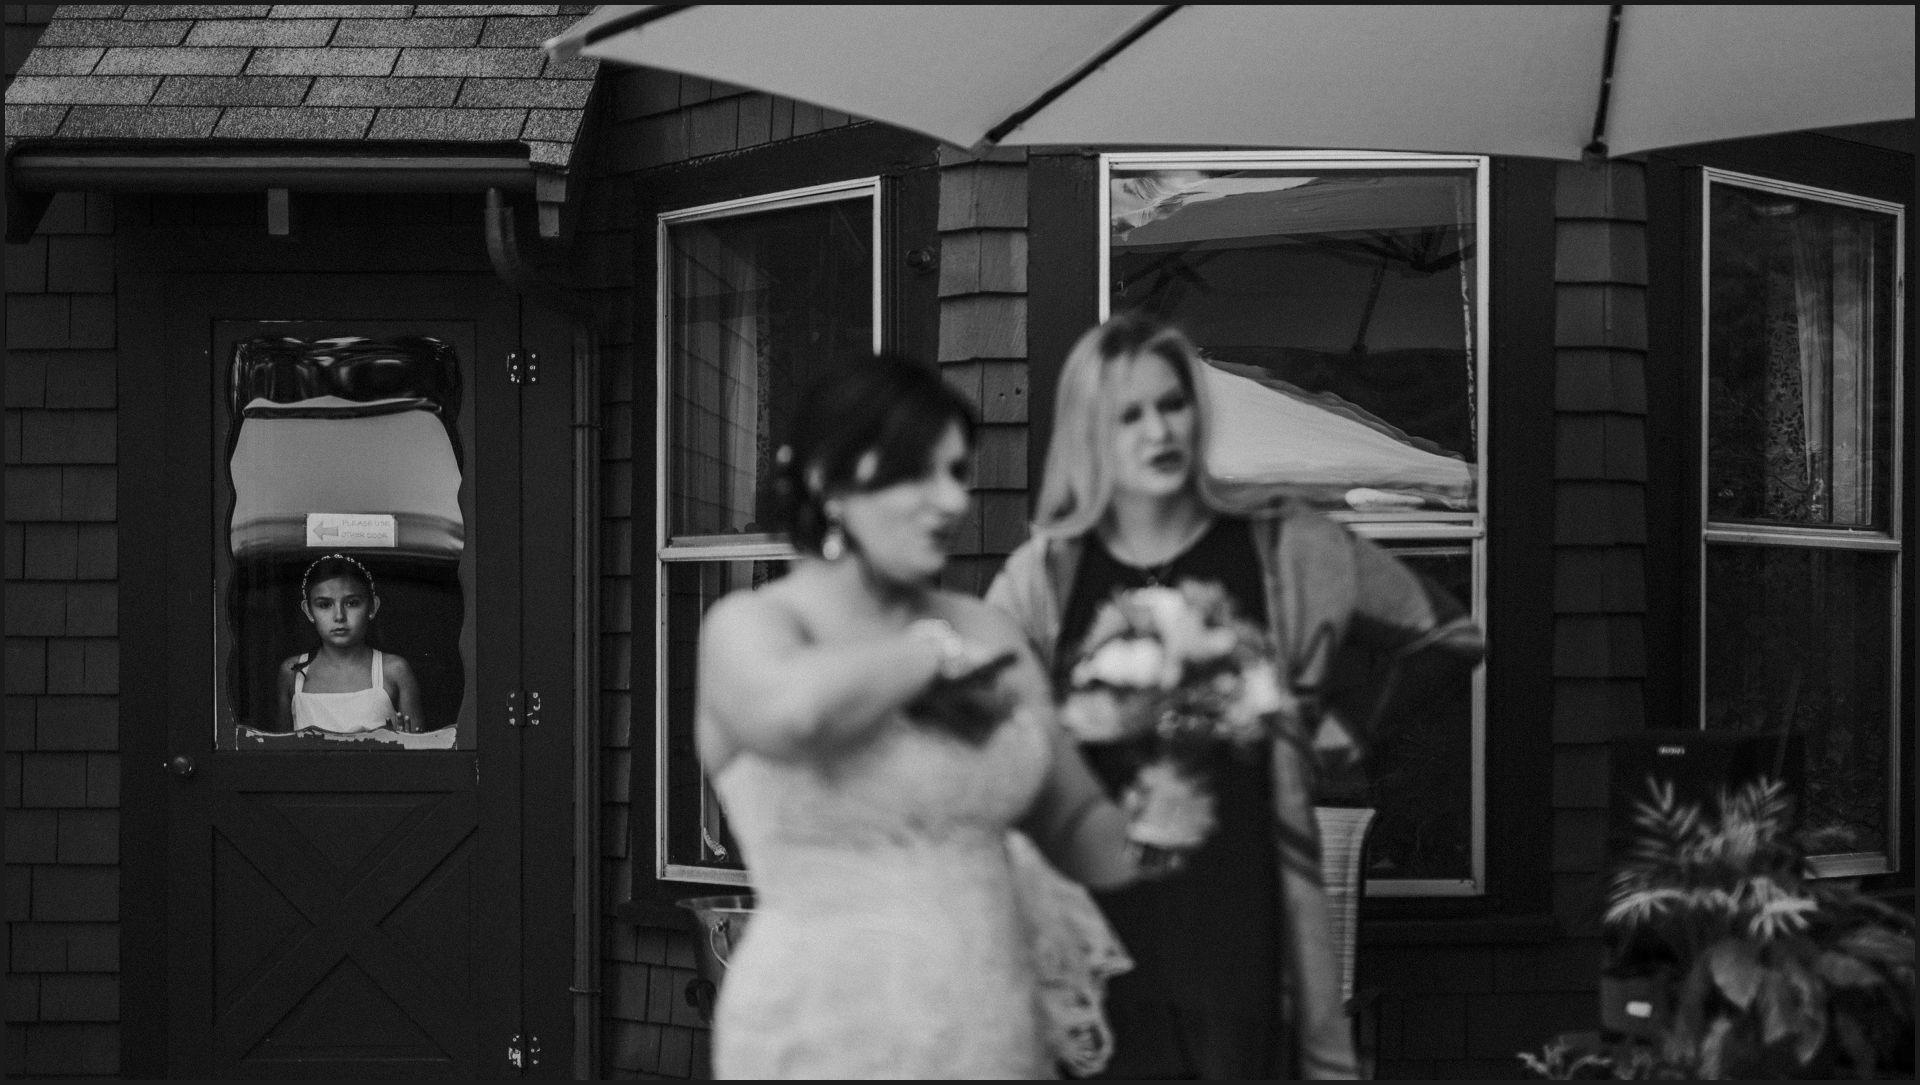 wedding, black and white, bride, wedding guest, friend